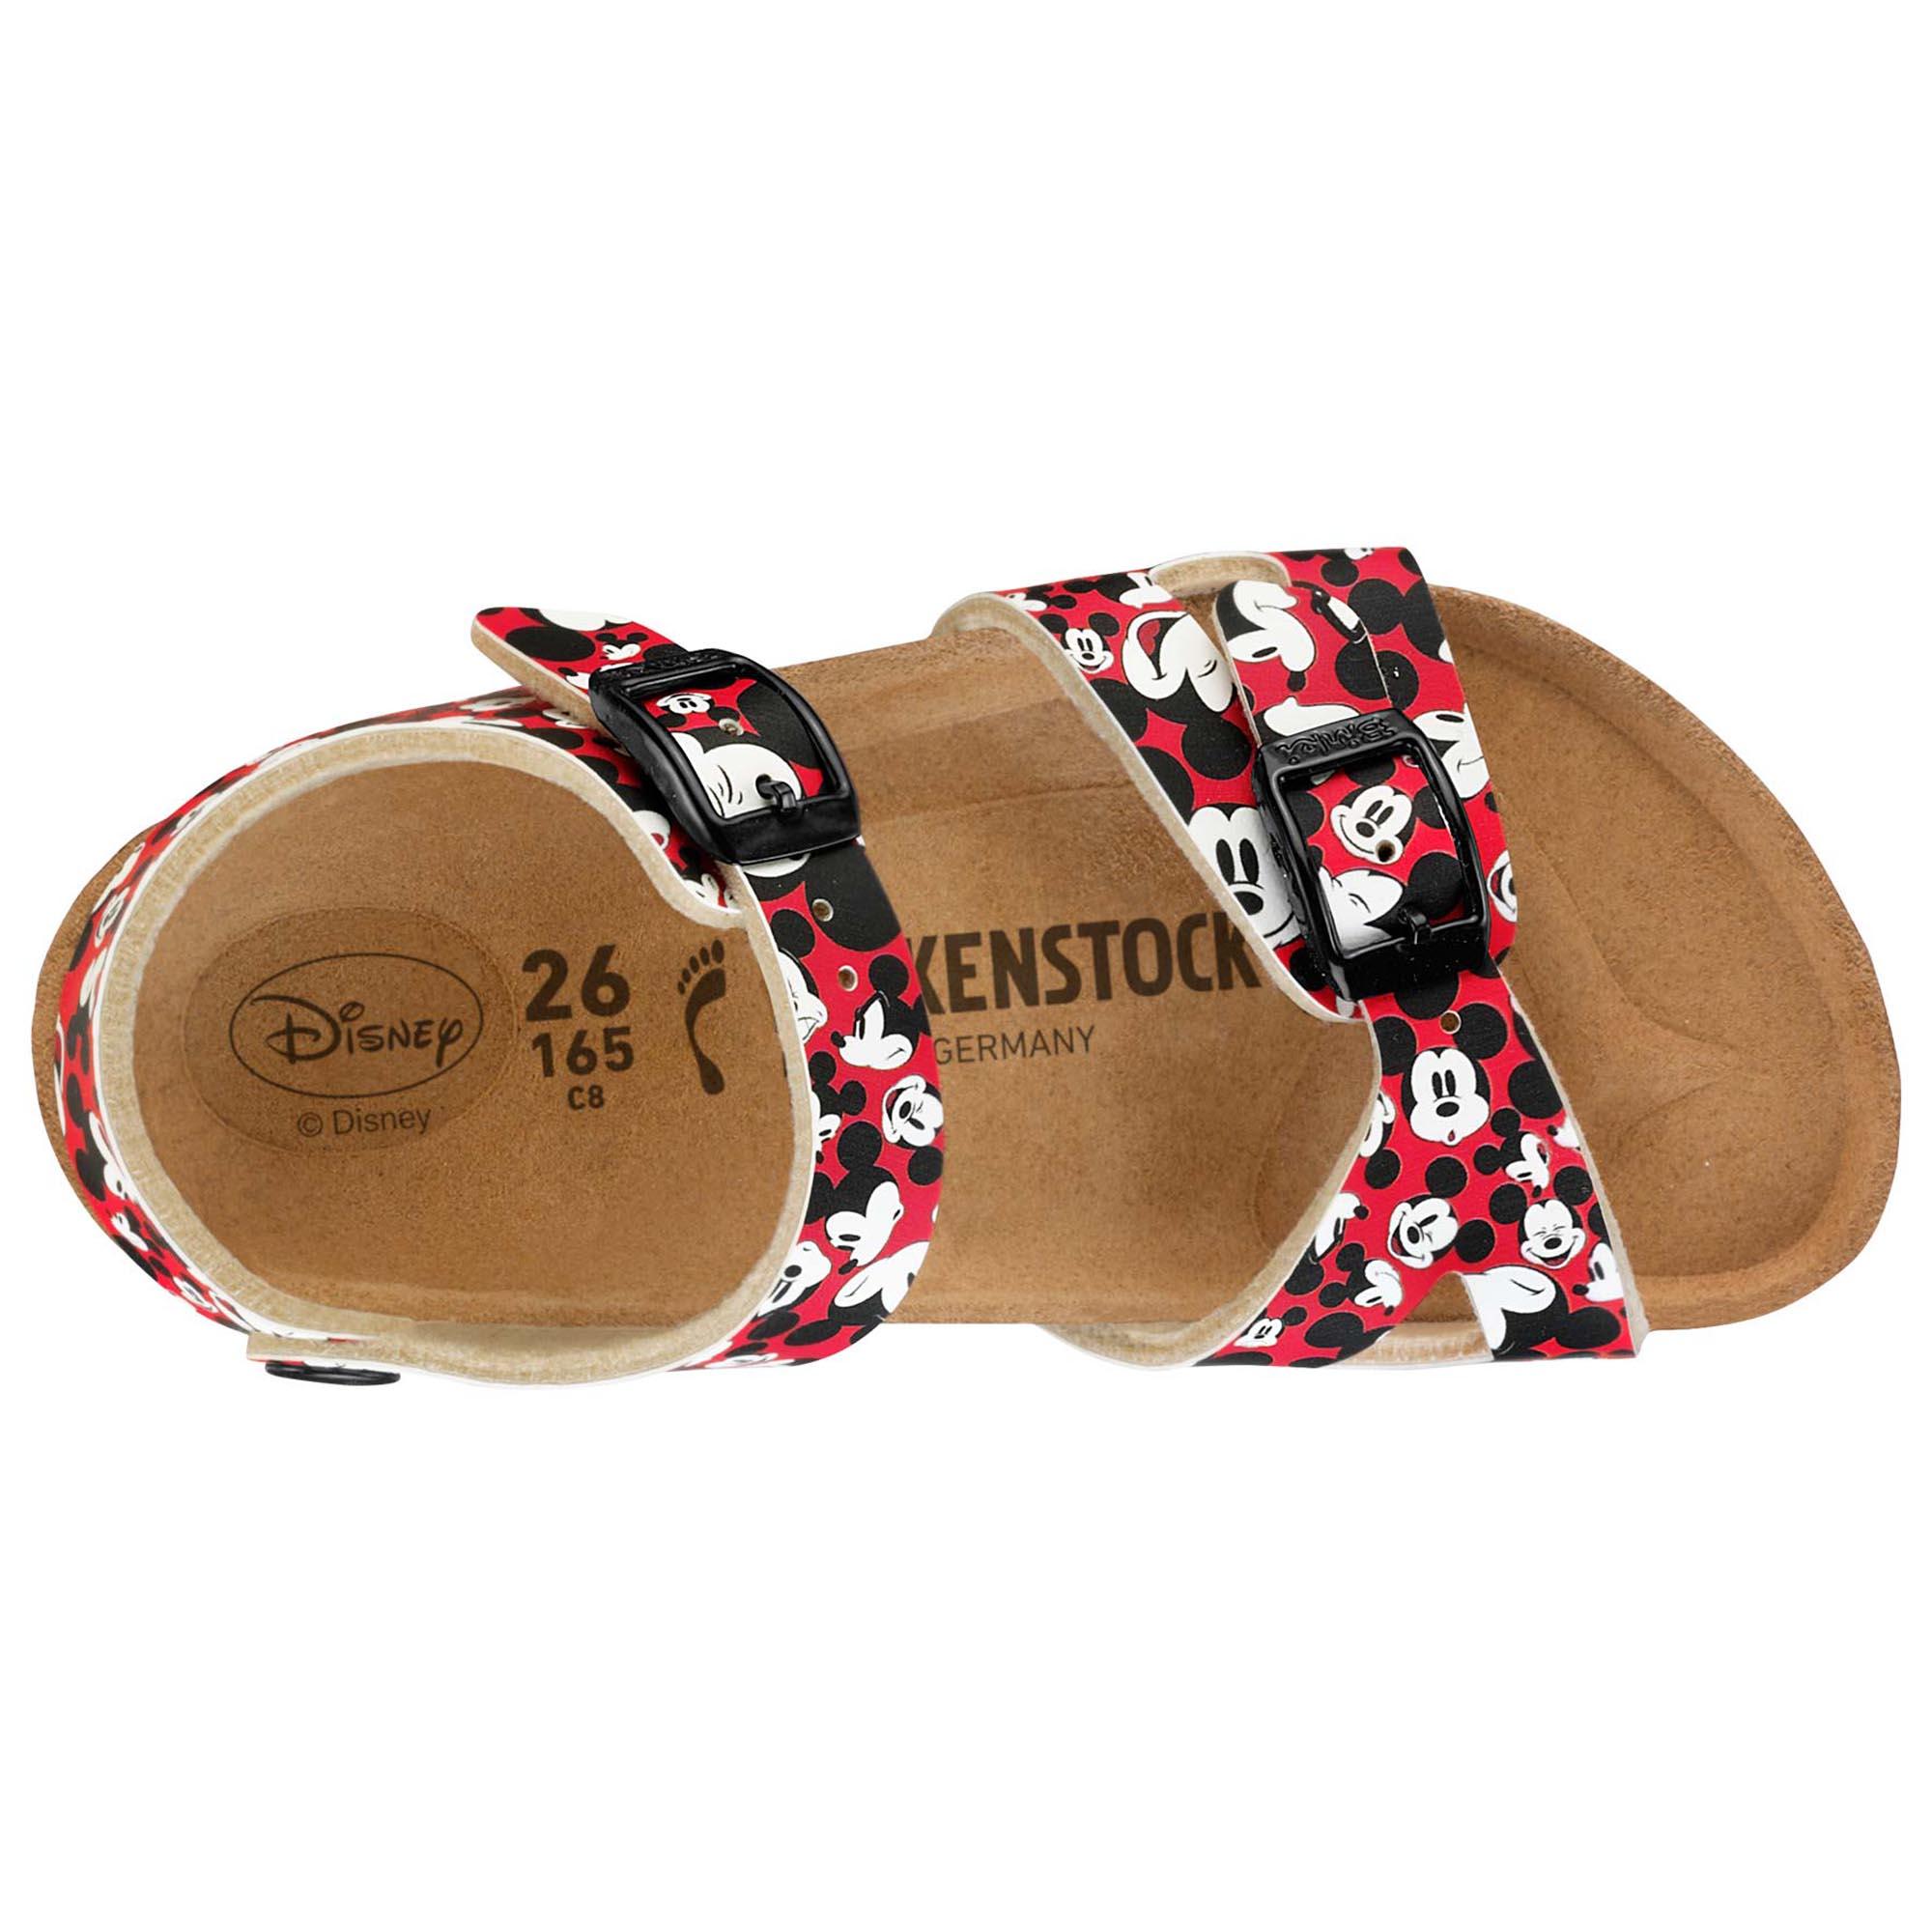 birkenstock Mickey Mouse Style Sandal 8.5 READ